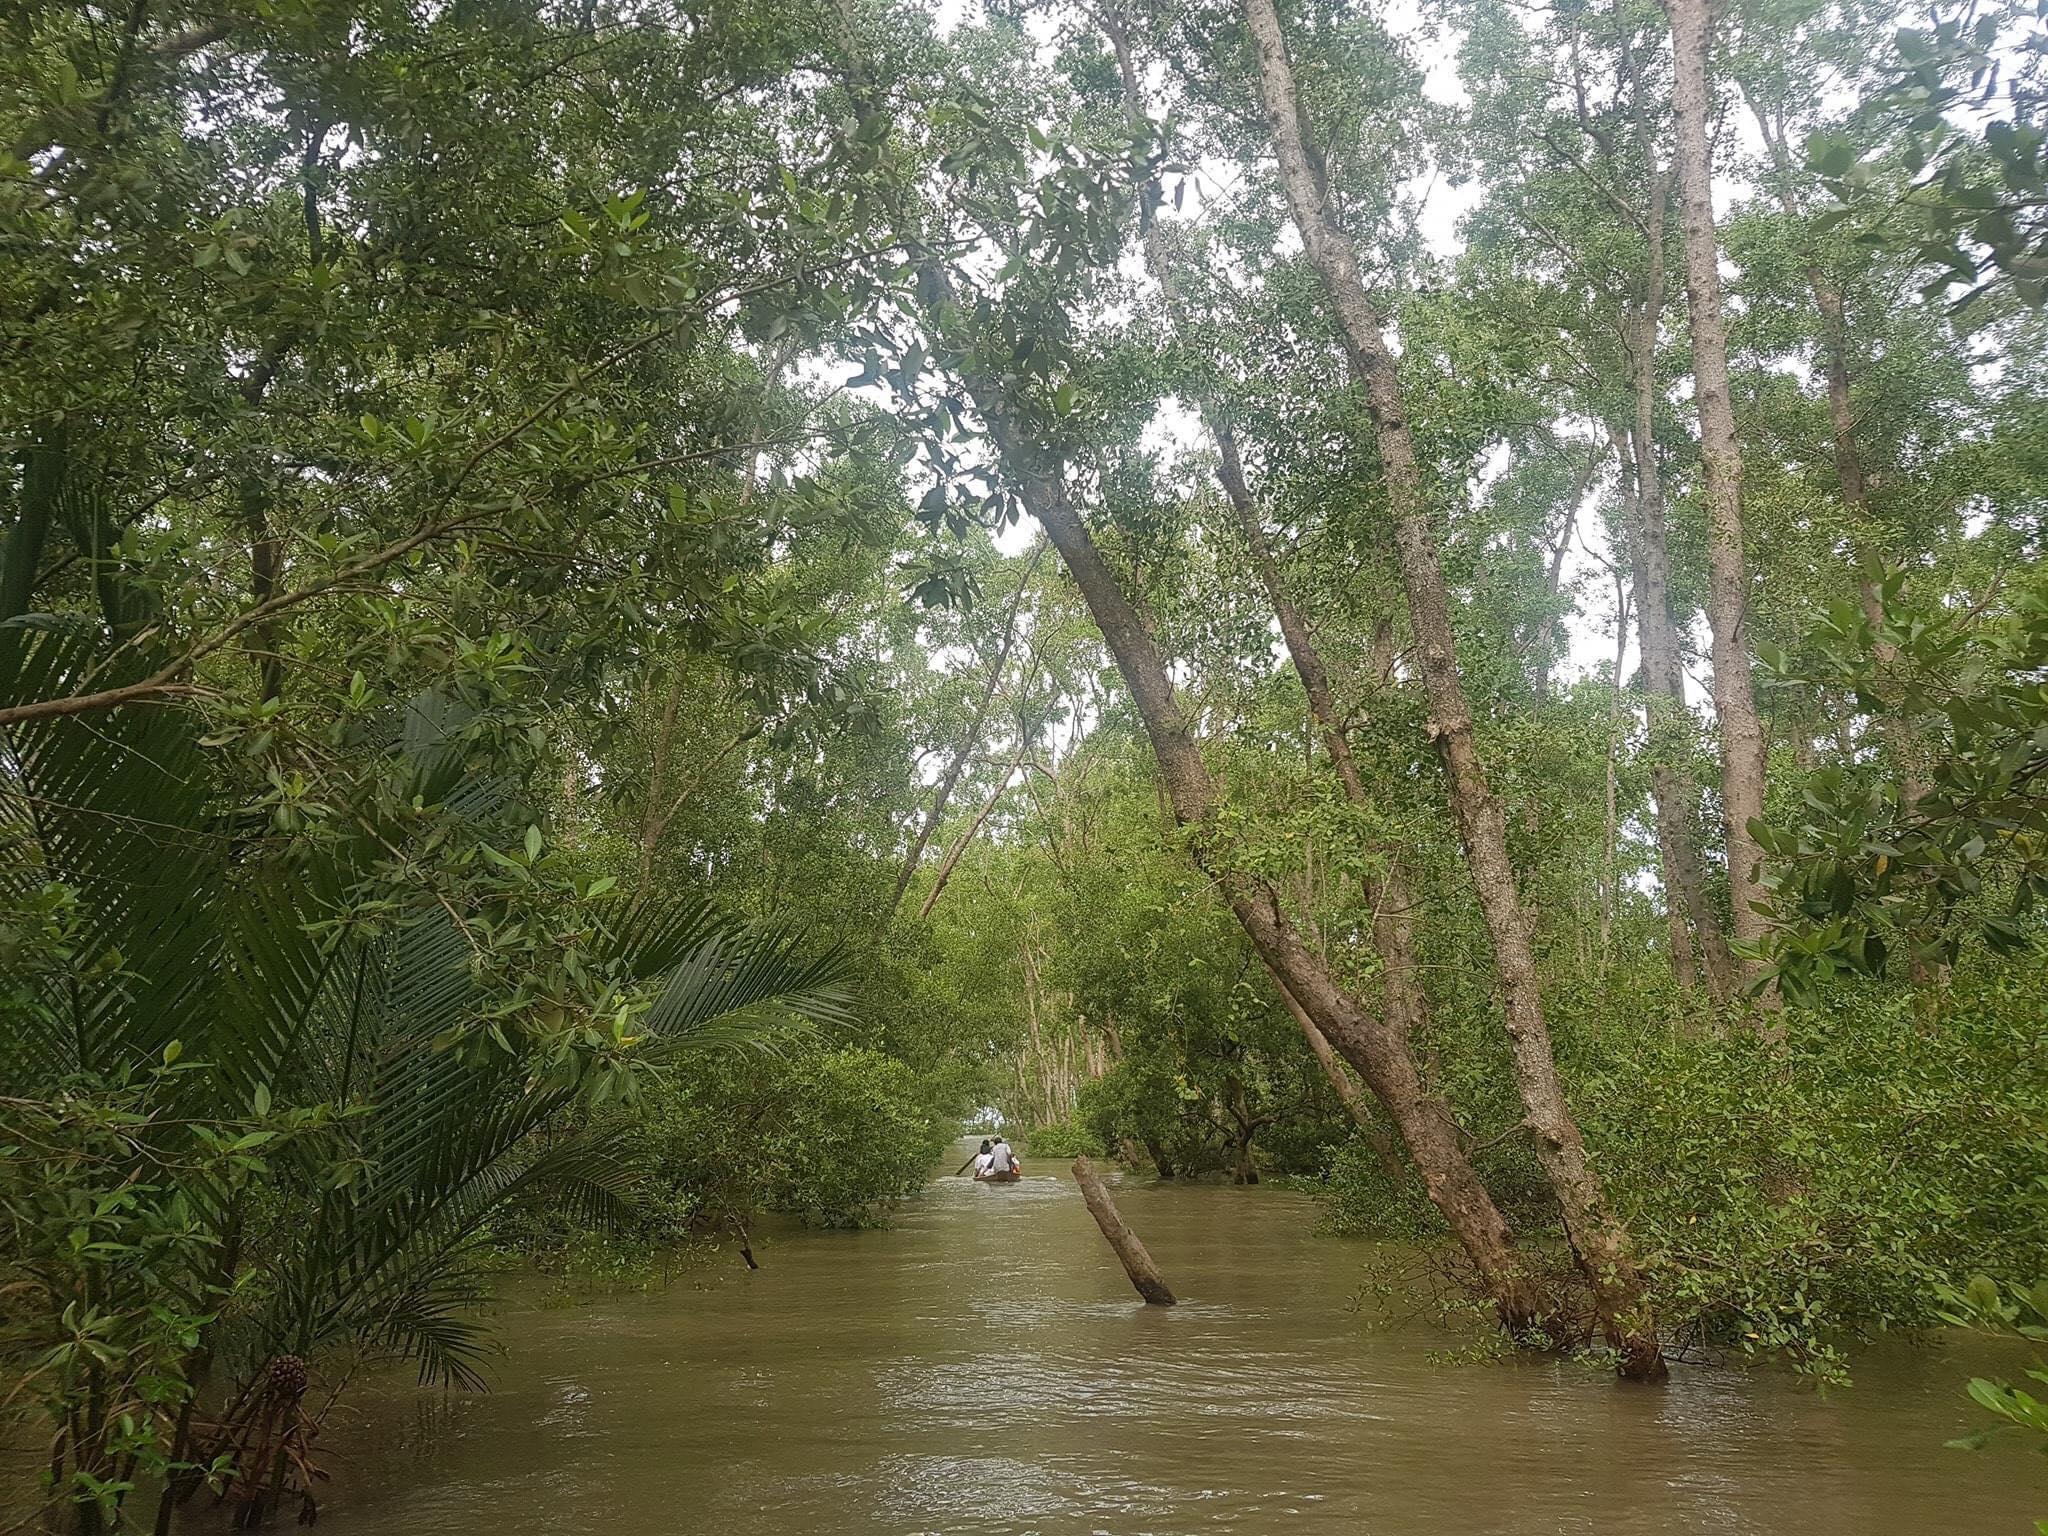 Đi thuyền xuyên rừng tràm cổ thụ của Cù Lao Dung tiến ra cửa biển.